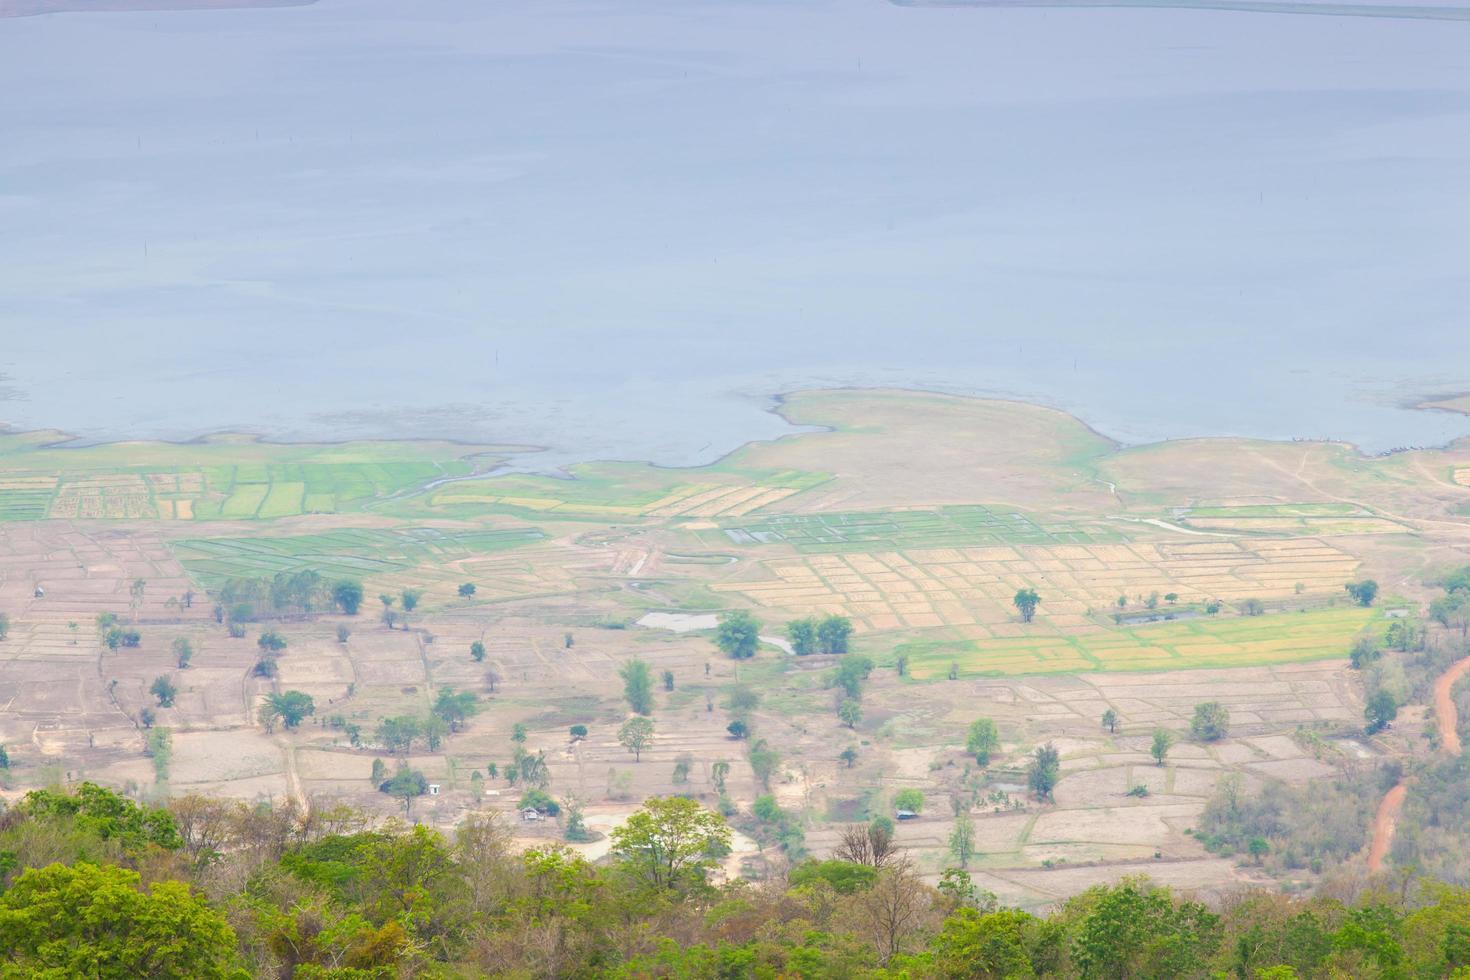 Aussichtspunkt auf der Spitze des Berges foto